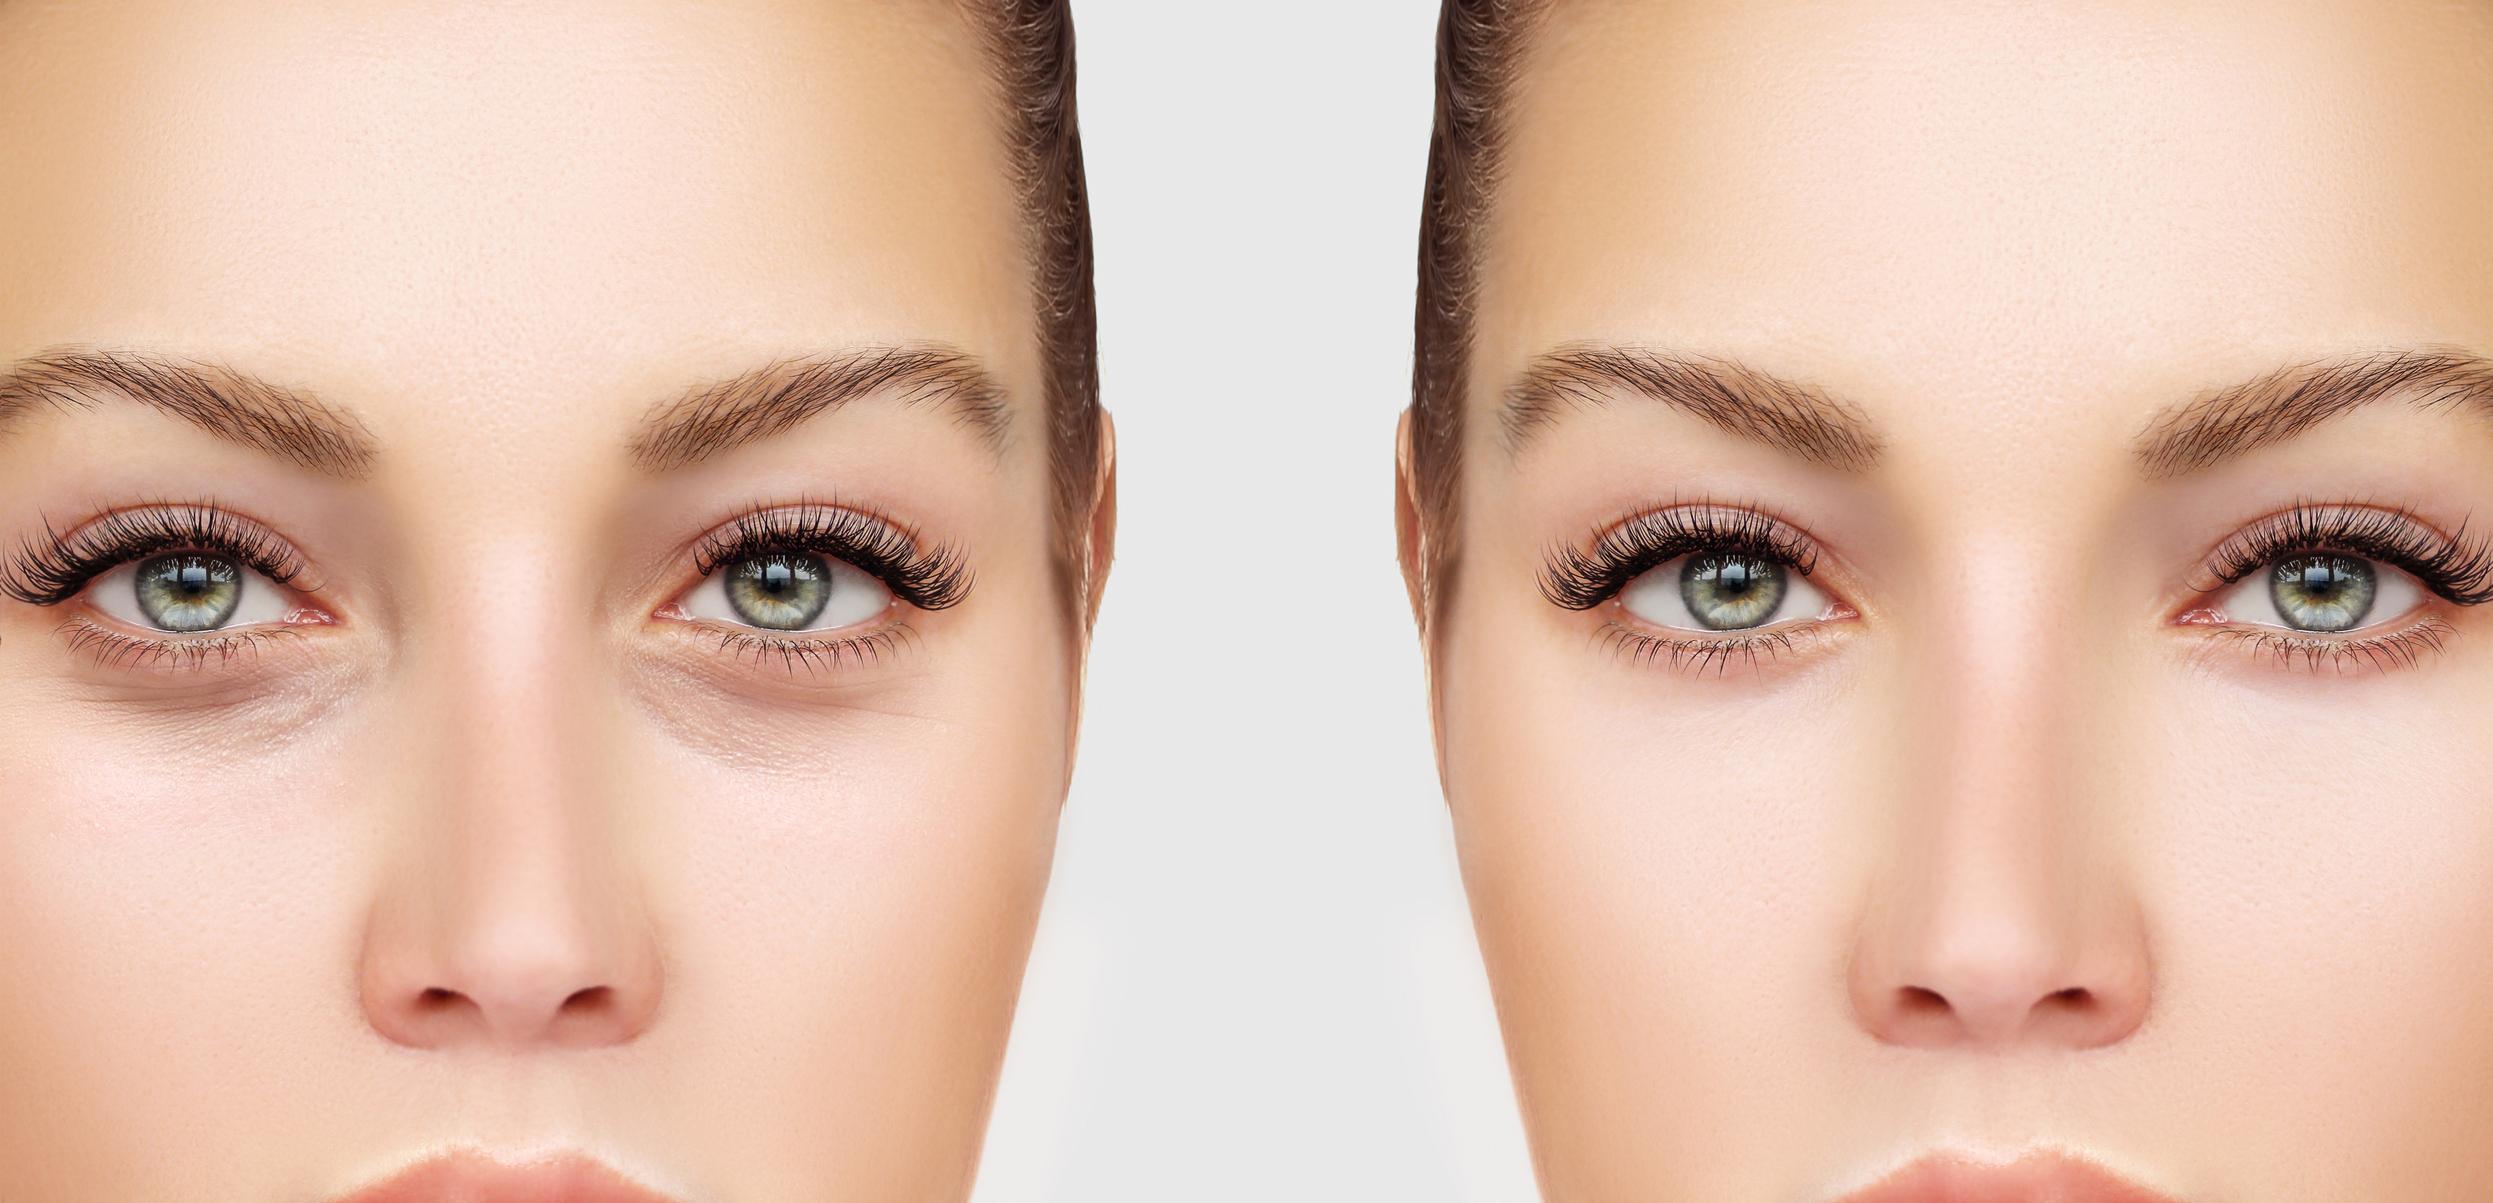 Dr-Jason-Champagne-Blepharoplasty-Upper/Lower-Eyelid-Lift